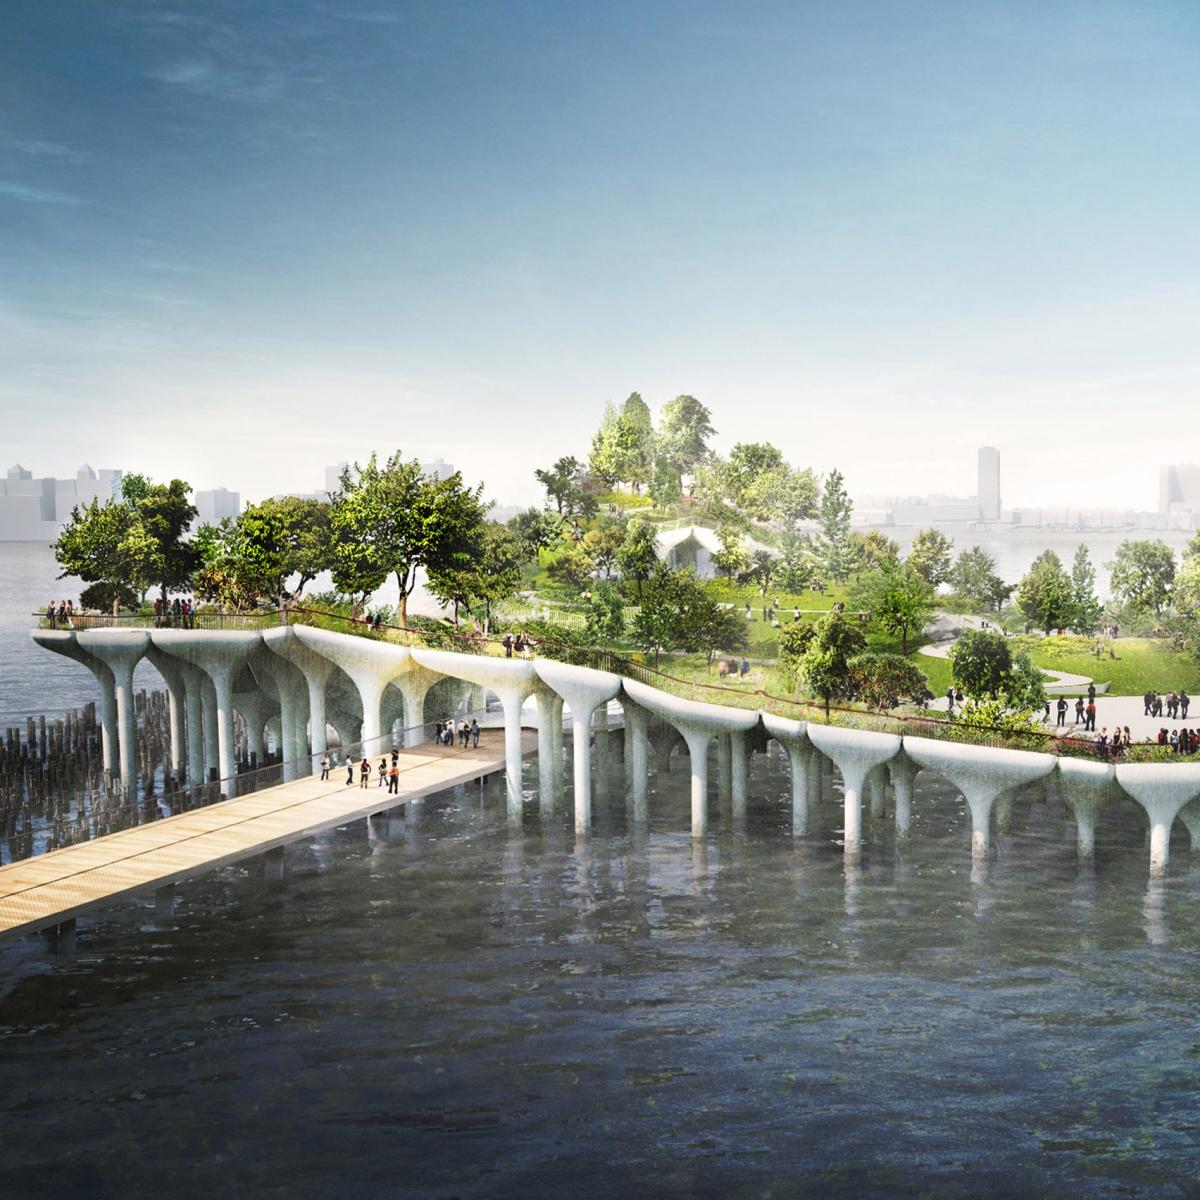 Đảo Little ở Mỹ của kiến trúc sư Heatherwick Studio sẽ được hoàn thành vào năm 2021. Dự án bao gồm 132 cột hình nấm được trồng thật nhiều cây cối xanh mát, phục vụ cho các sự kiện cộng đồng.